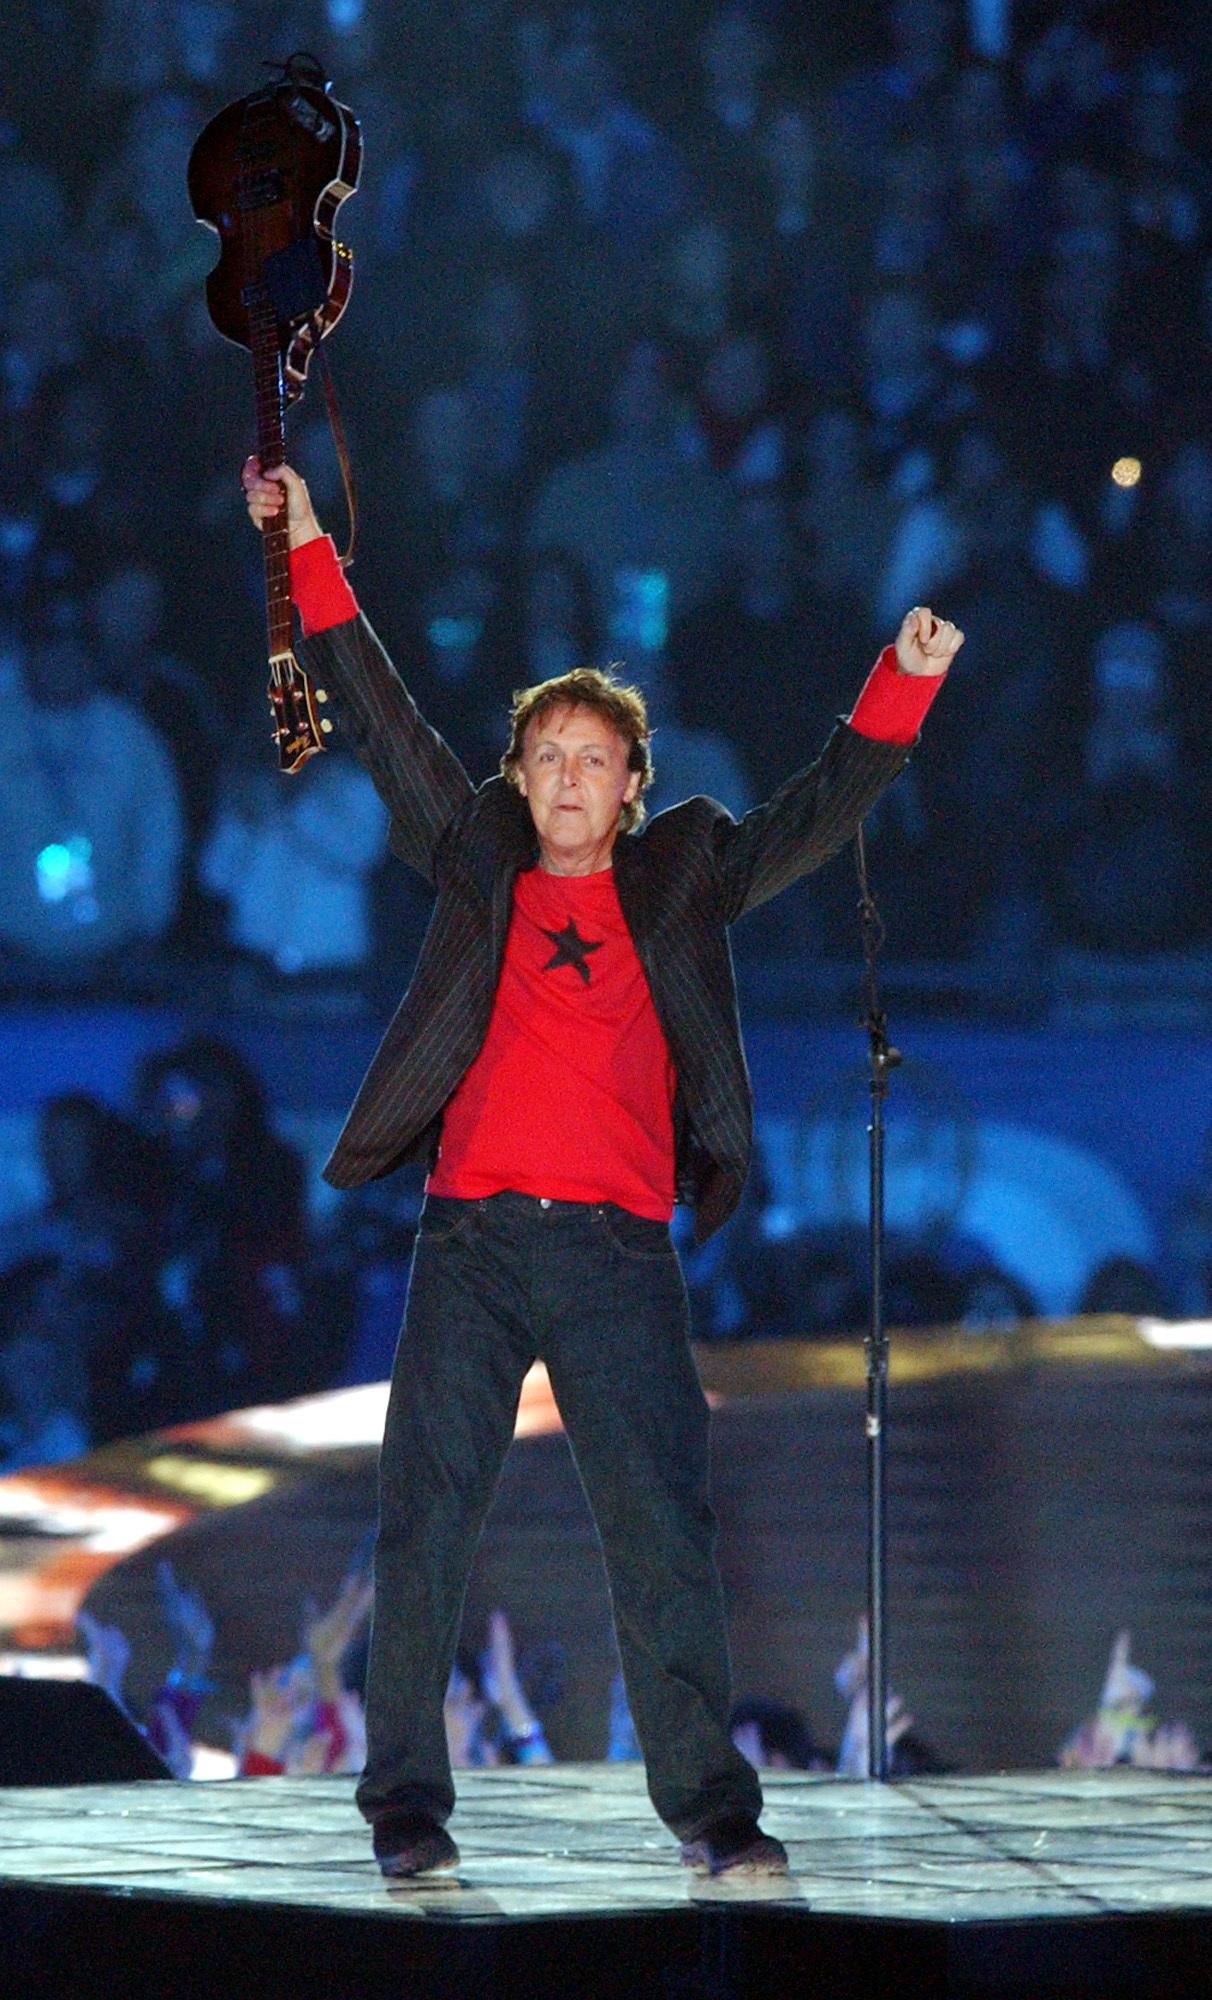 Paul McCartney in 2005